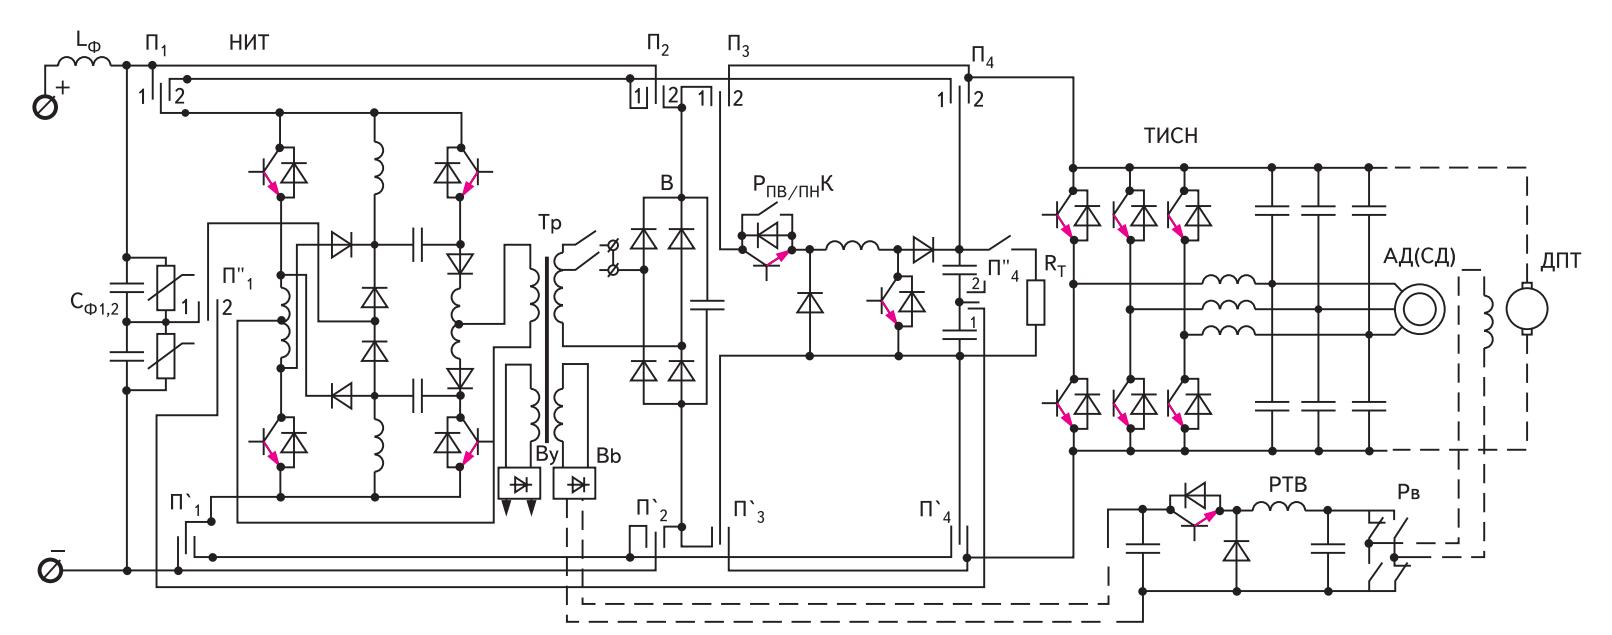 Универсальная схема импульсного регулирования силового электропривода переменного (постоянного) тока с гальванической развязкой